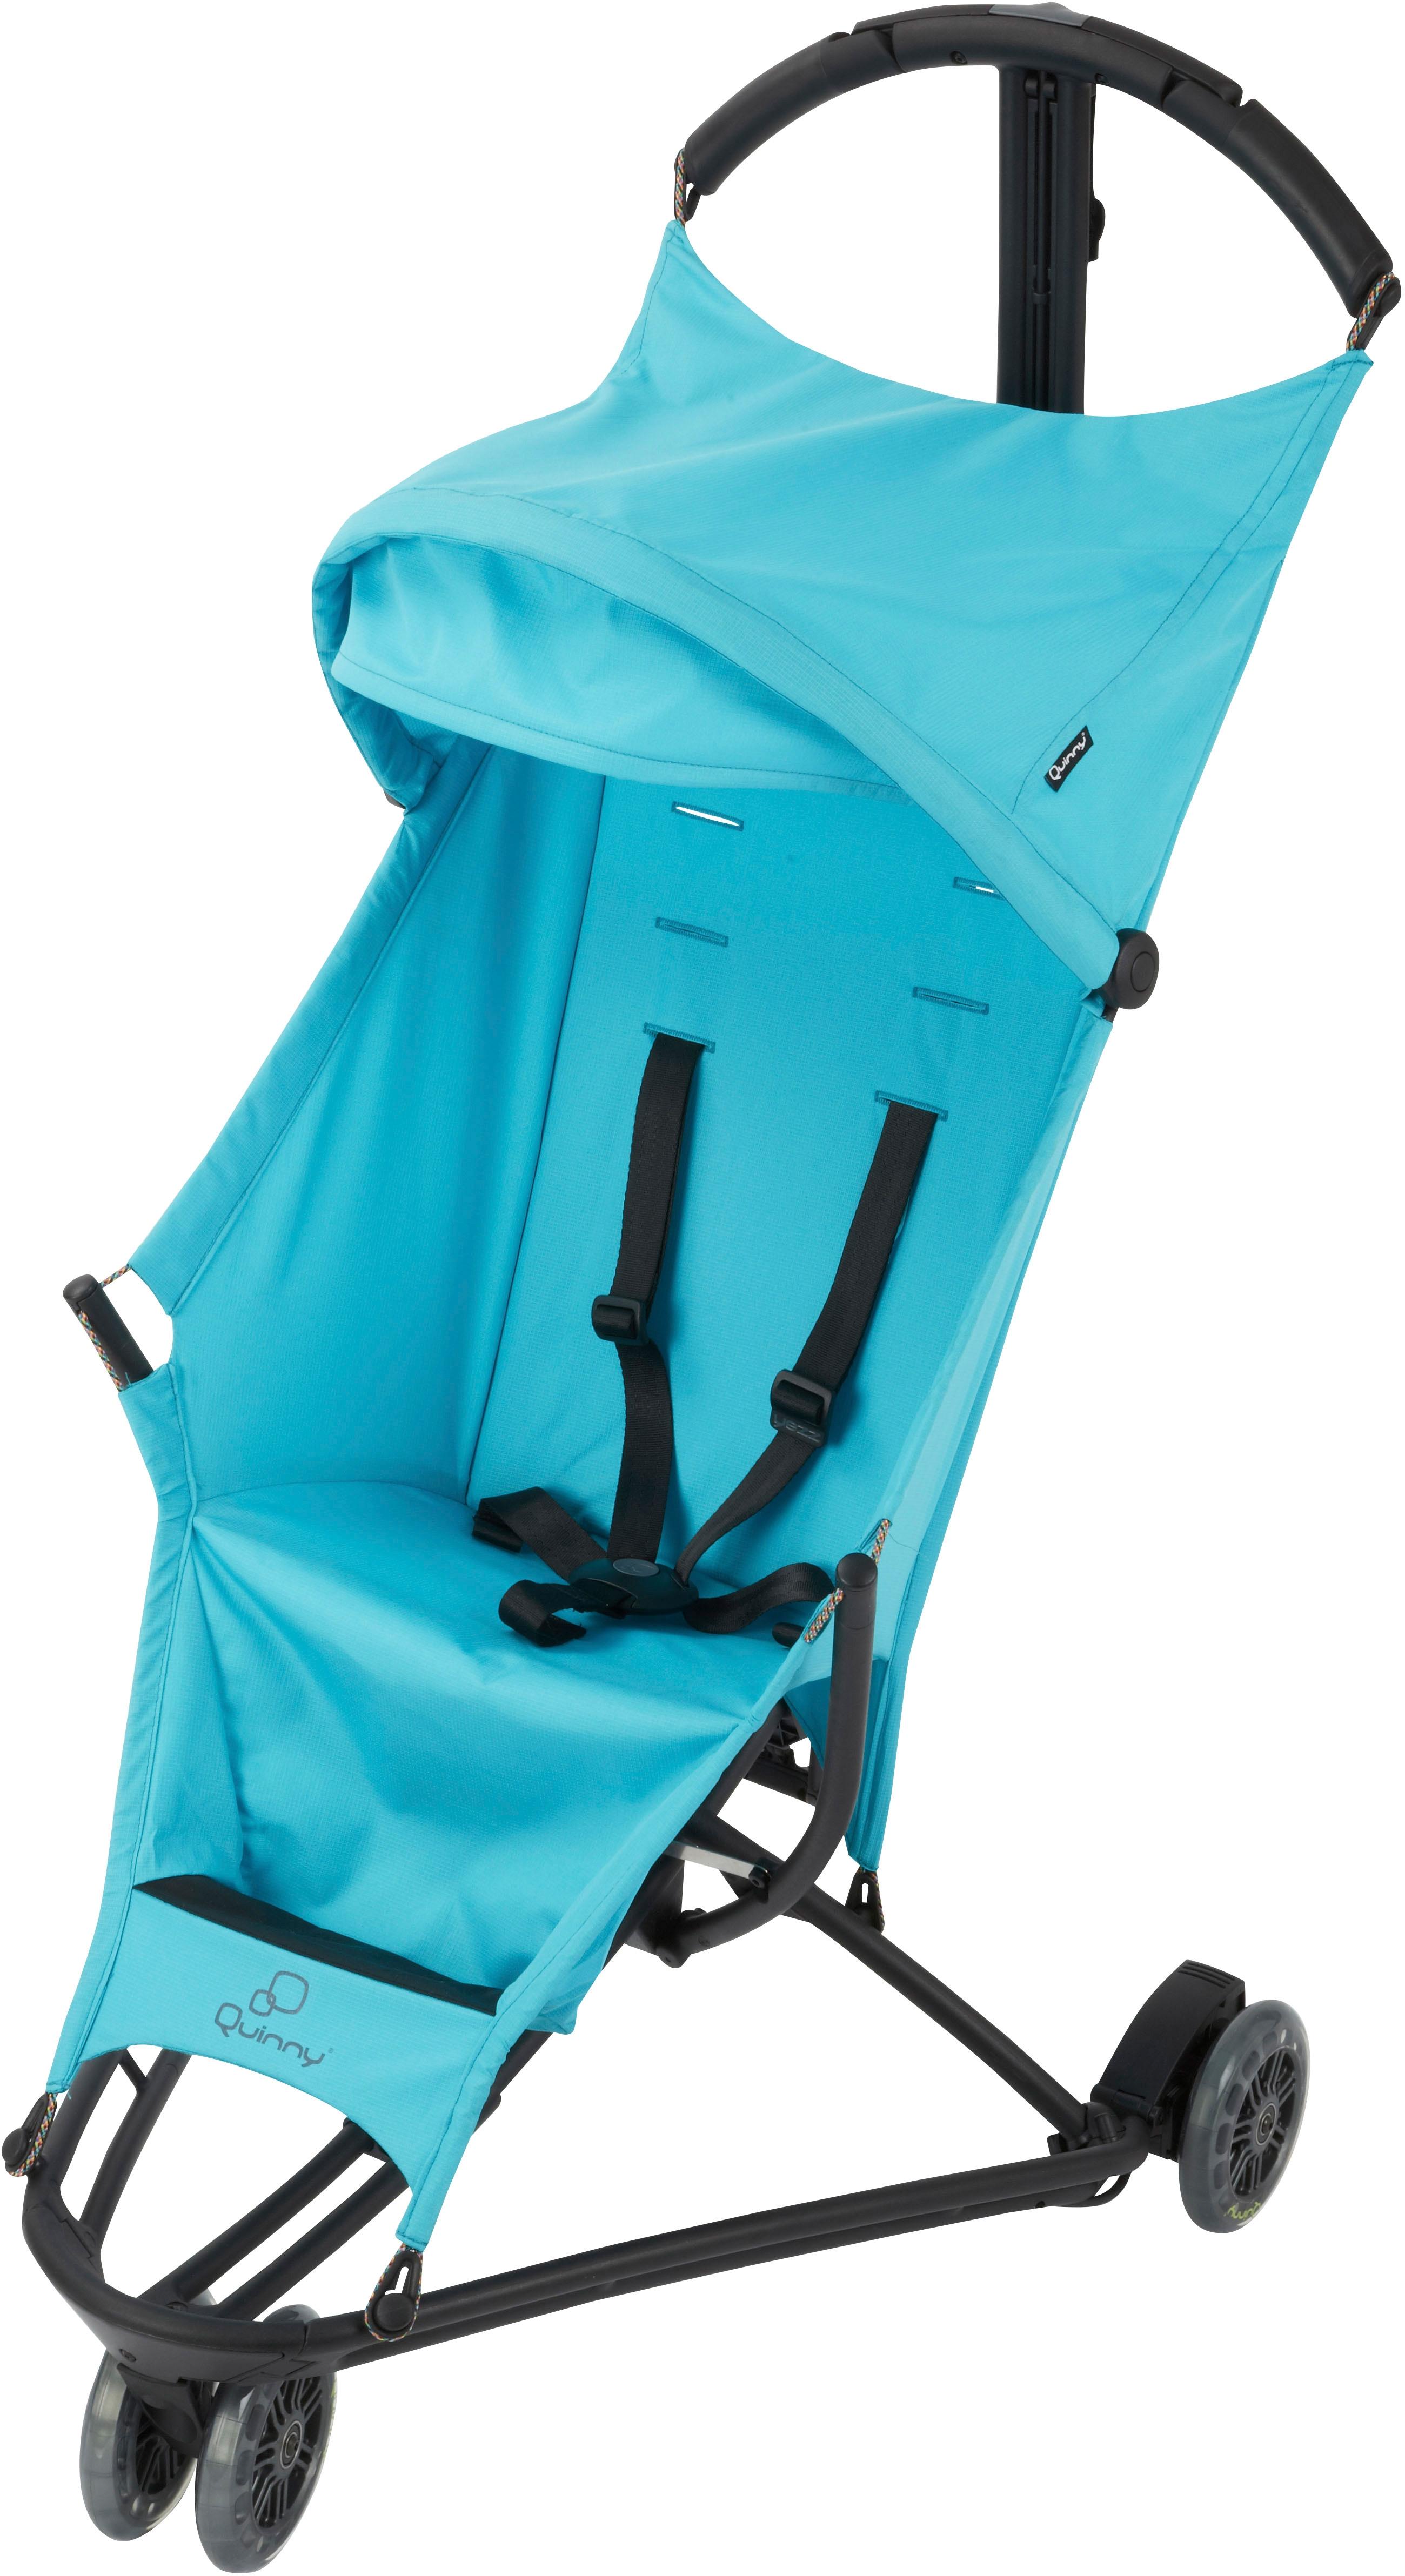 An lisis de quinny yezz comparador de sillas de paseo ocu - Mejor silla de paseo ocu ...